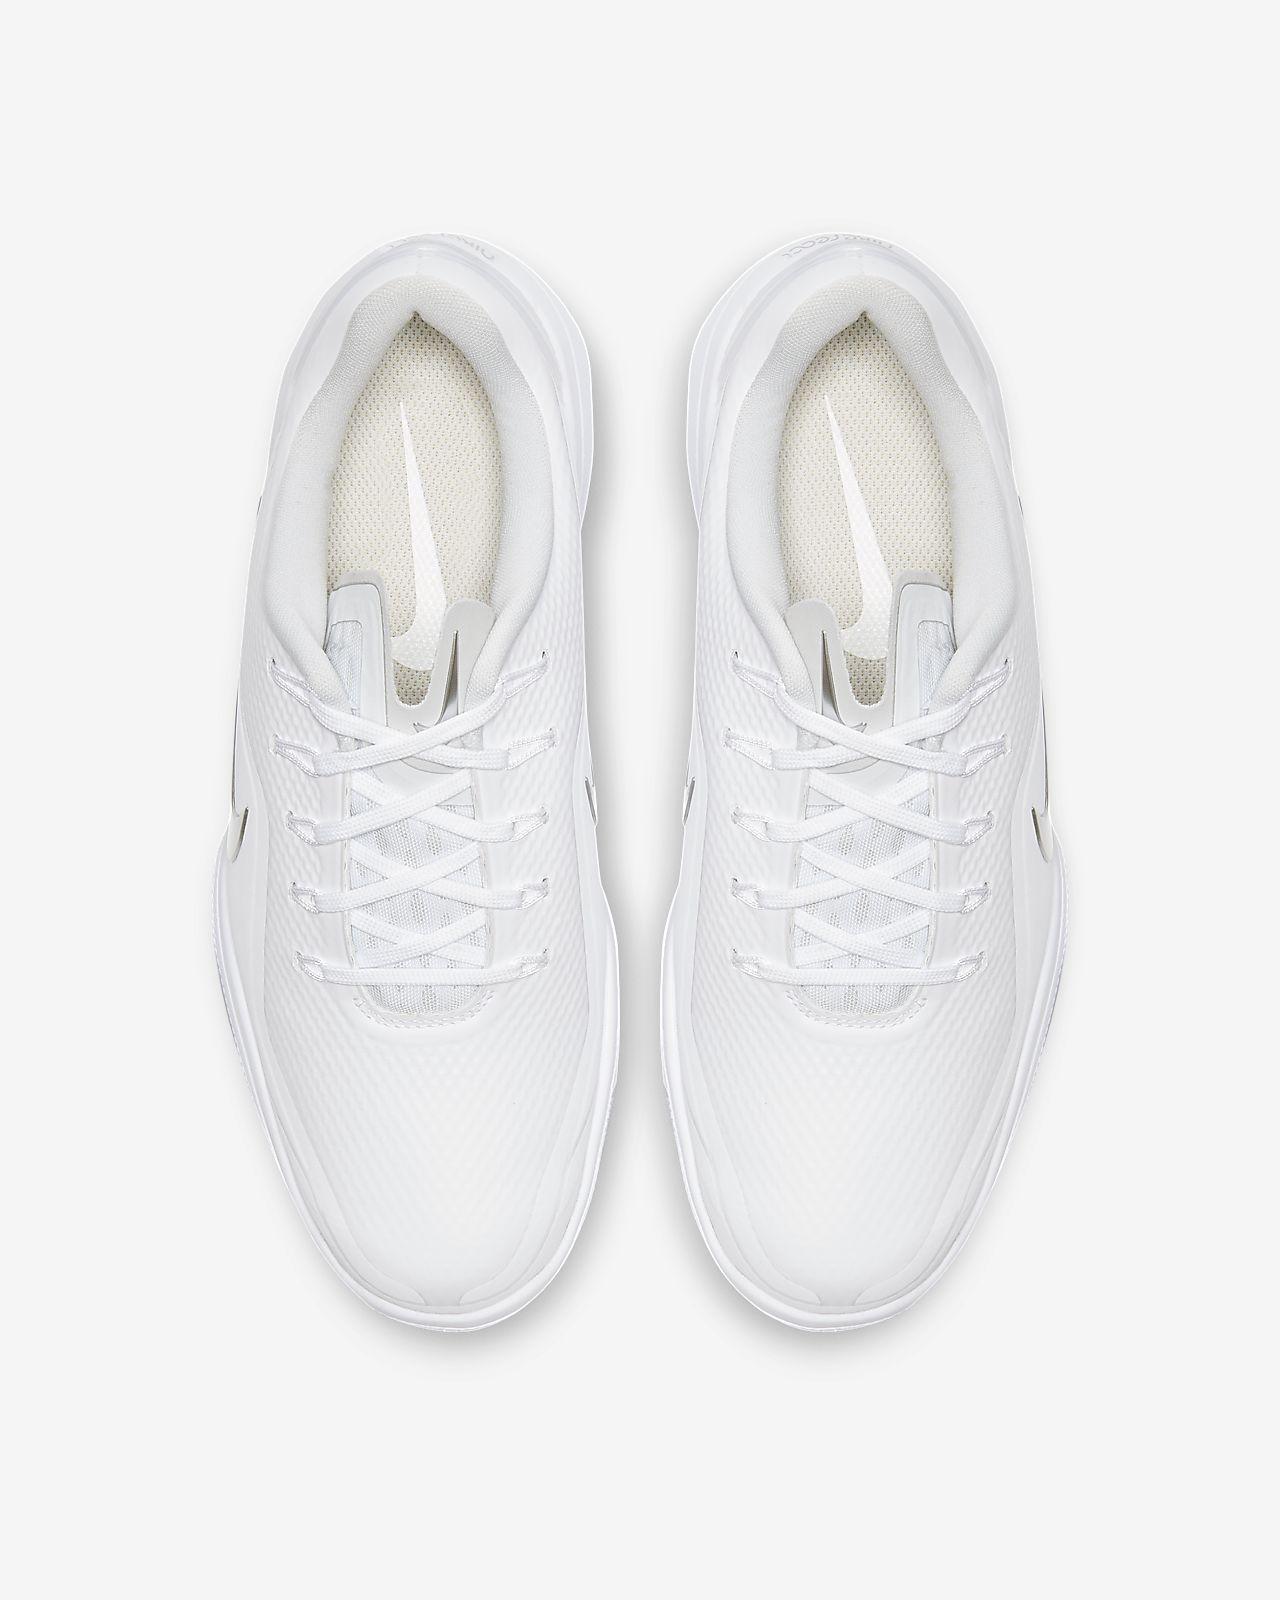 new styles f207d 7ed93 ... Golfsko Nike React Vapor 2 för kvinnor